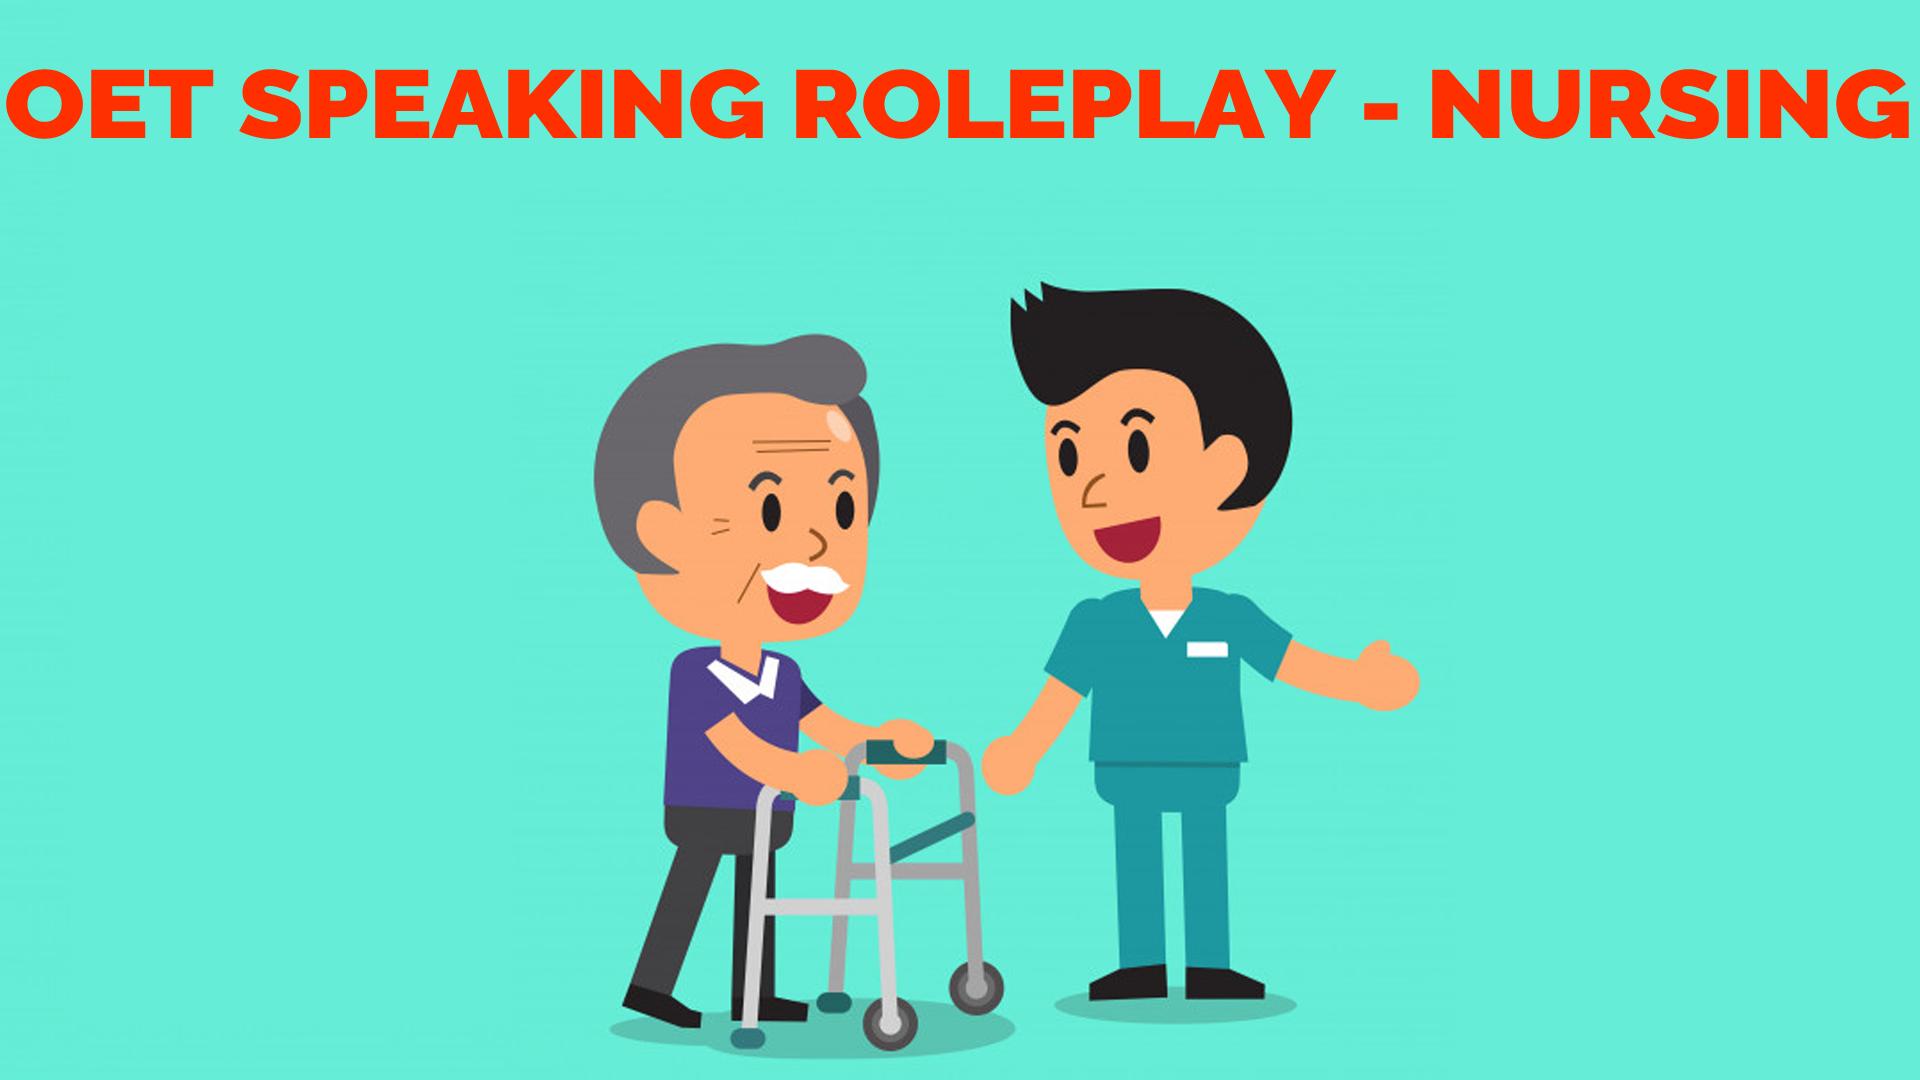 OET SPEAKING ROLEPLAY - ADVISING TO USE WALKER